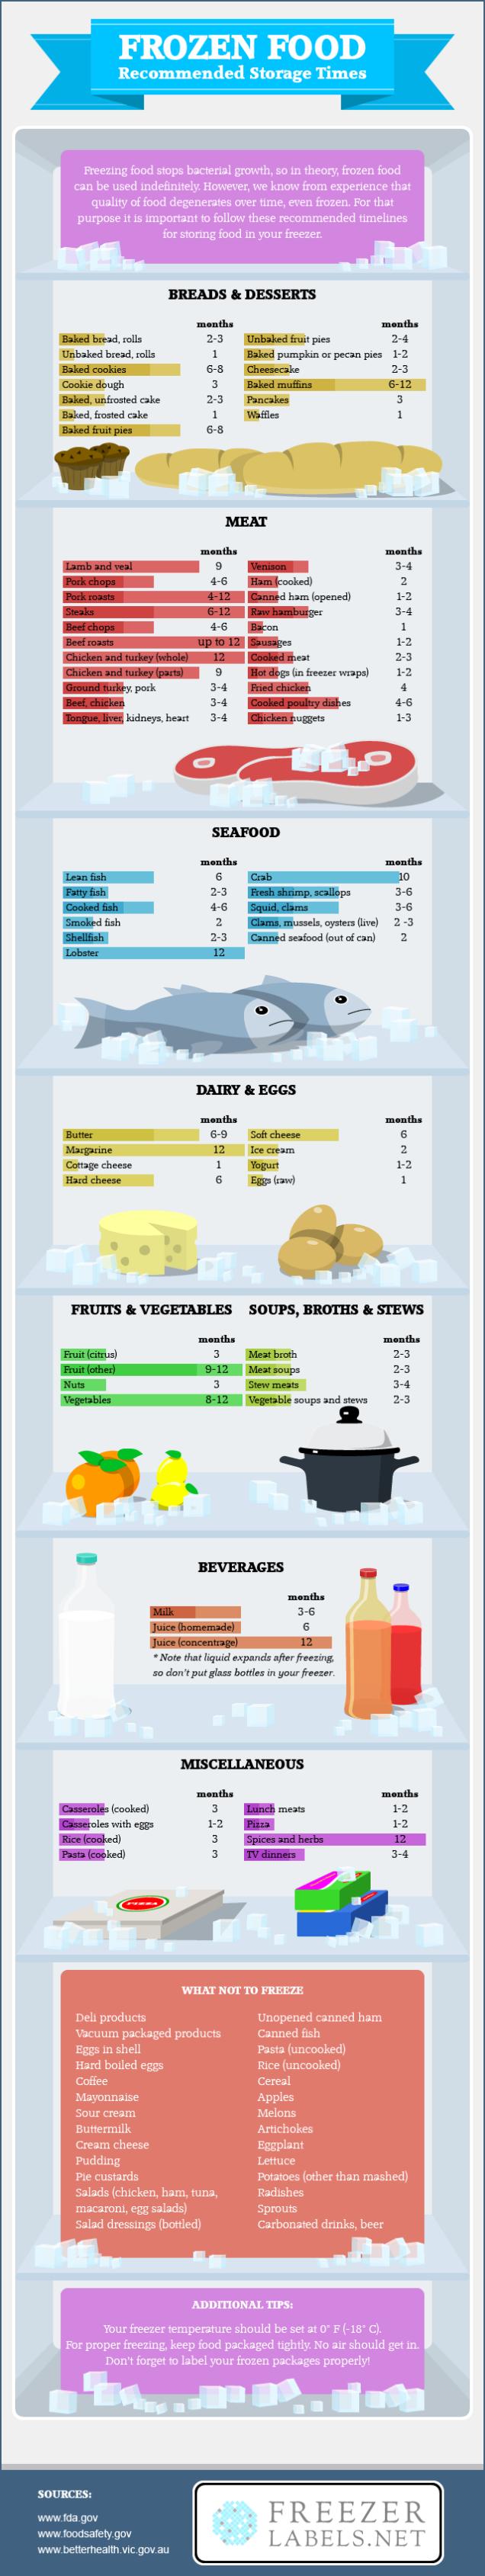 Визуализация: Как долго замороженные продукты остаются свежими